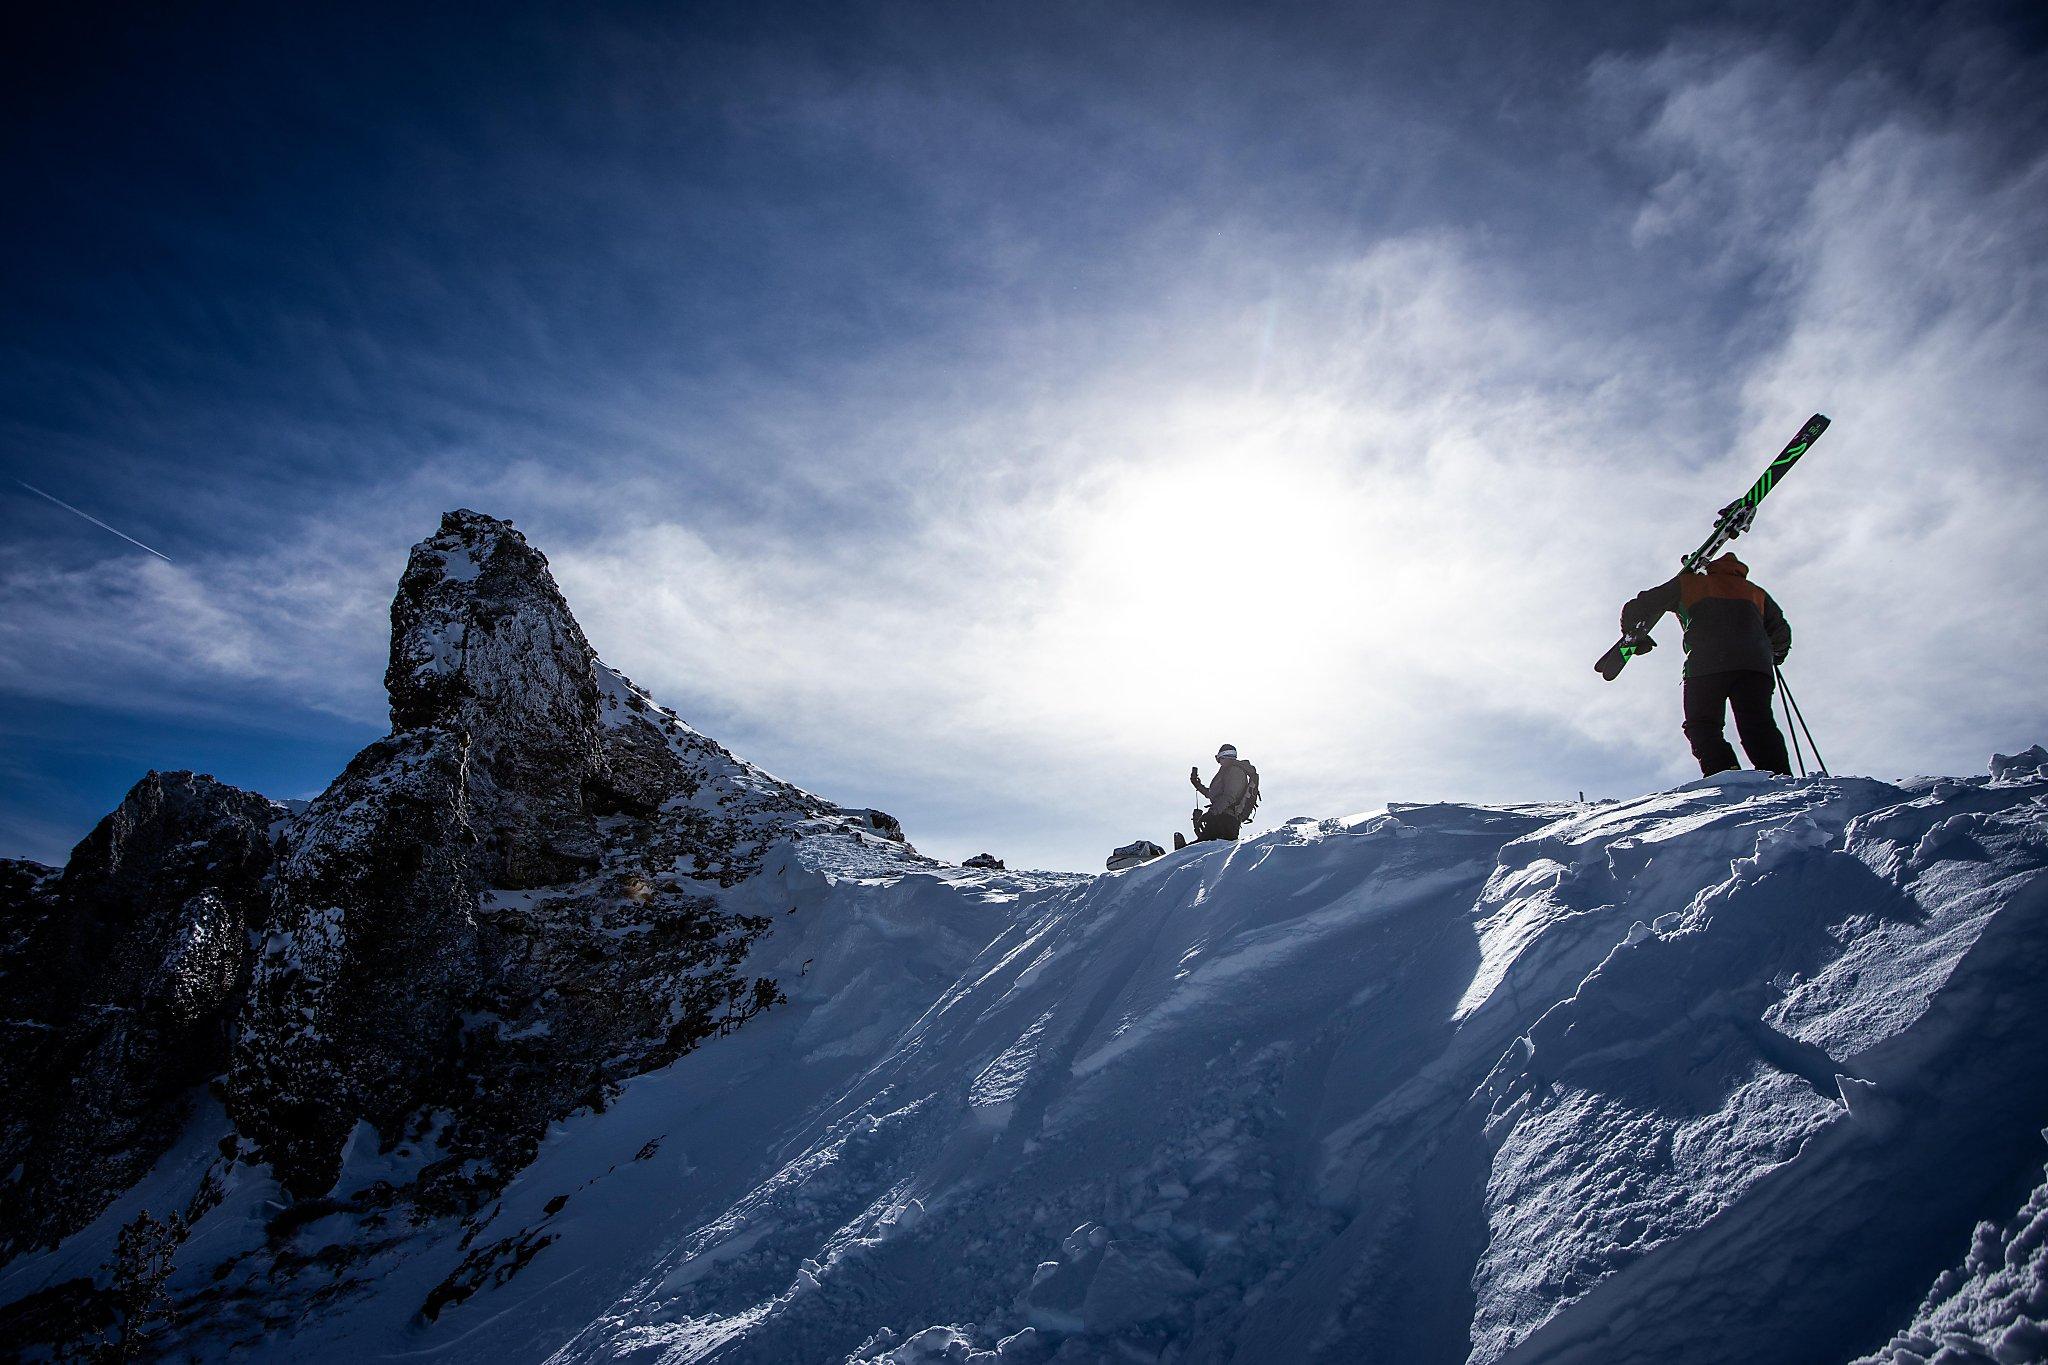 A skier's guide to Kirkwood Resort in Tahoe